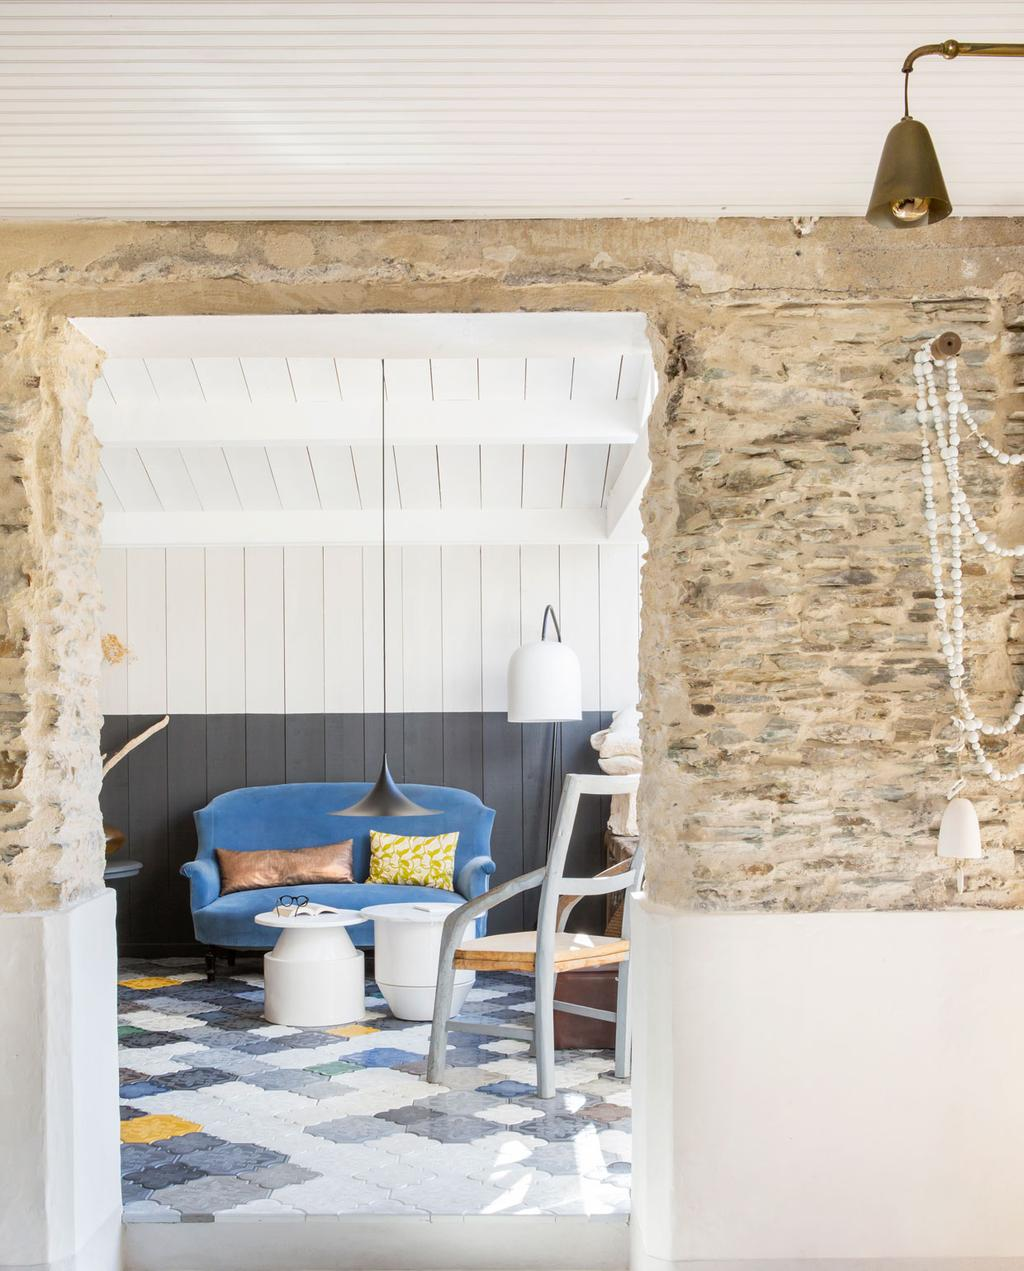 vtwonen binnenkijken special 07-2021 | binnenkijken in een vissershuis | woonkamer met houten wanden en lambrisering van wit en navy, een felblauwe bank en blauw, wit en gele vloertegels